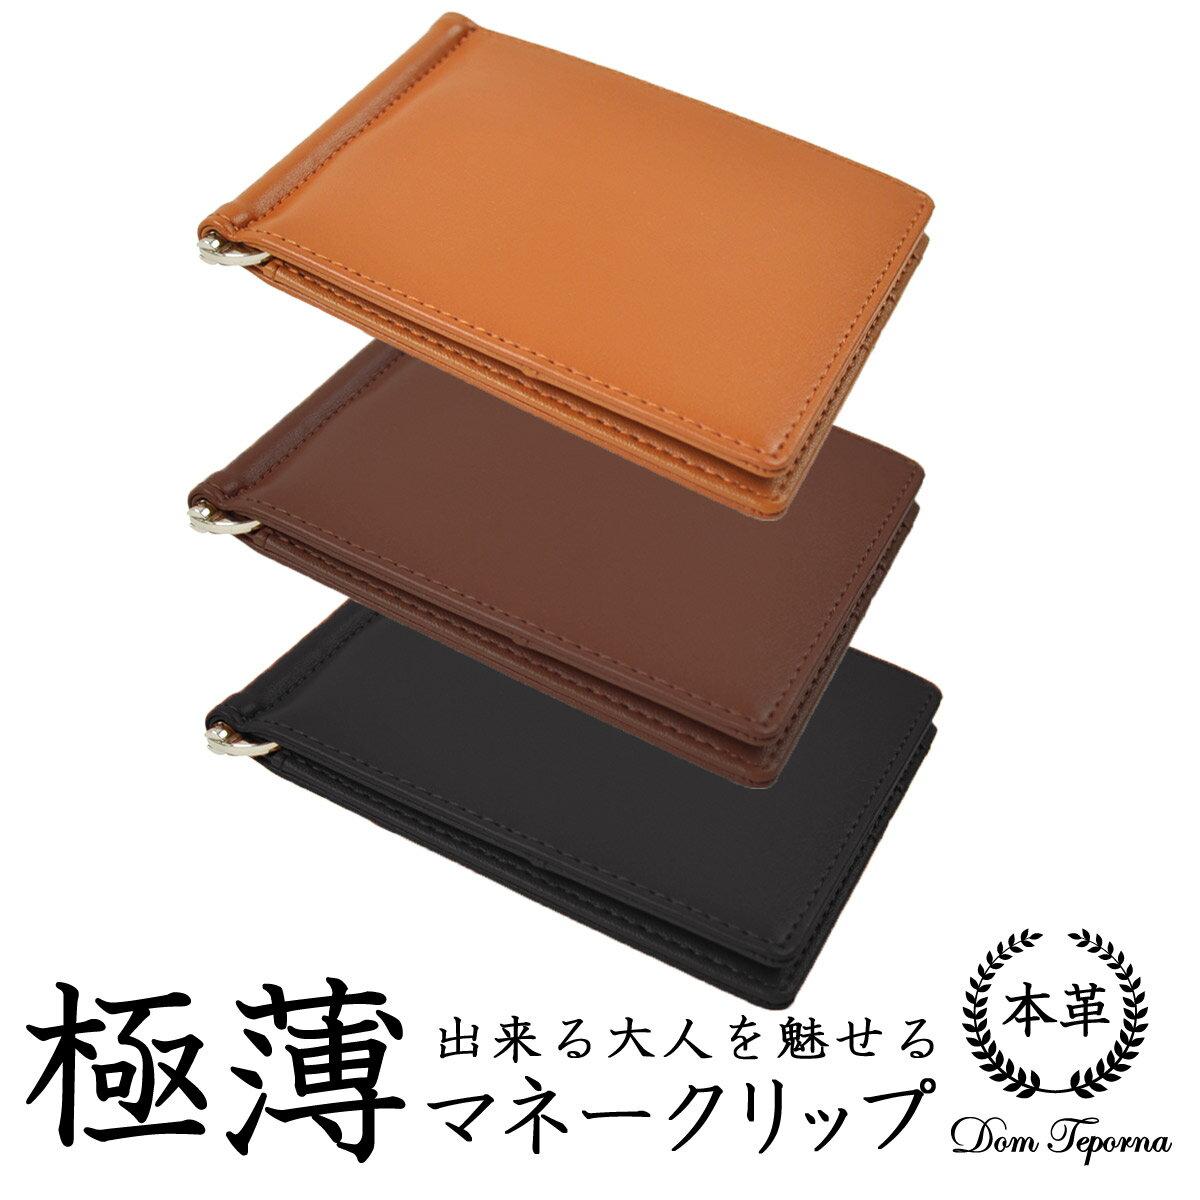 超薄型 マネークリップ 牛革 本革 レザー カード入れ付き メンズ 薄い 財布 DomTeporna ブランド スリム コンパクト おしゃれ 送料無料